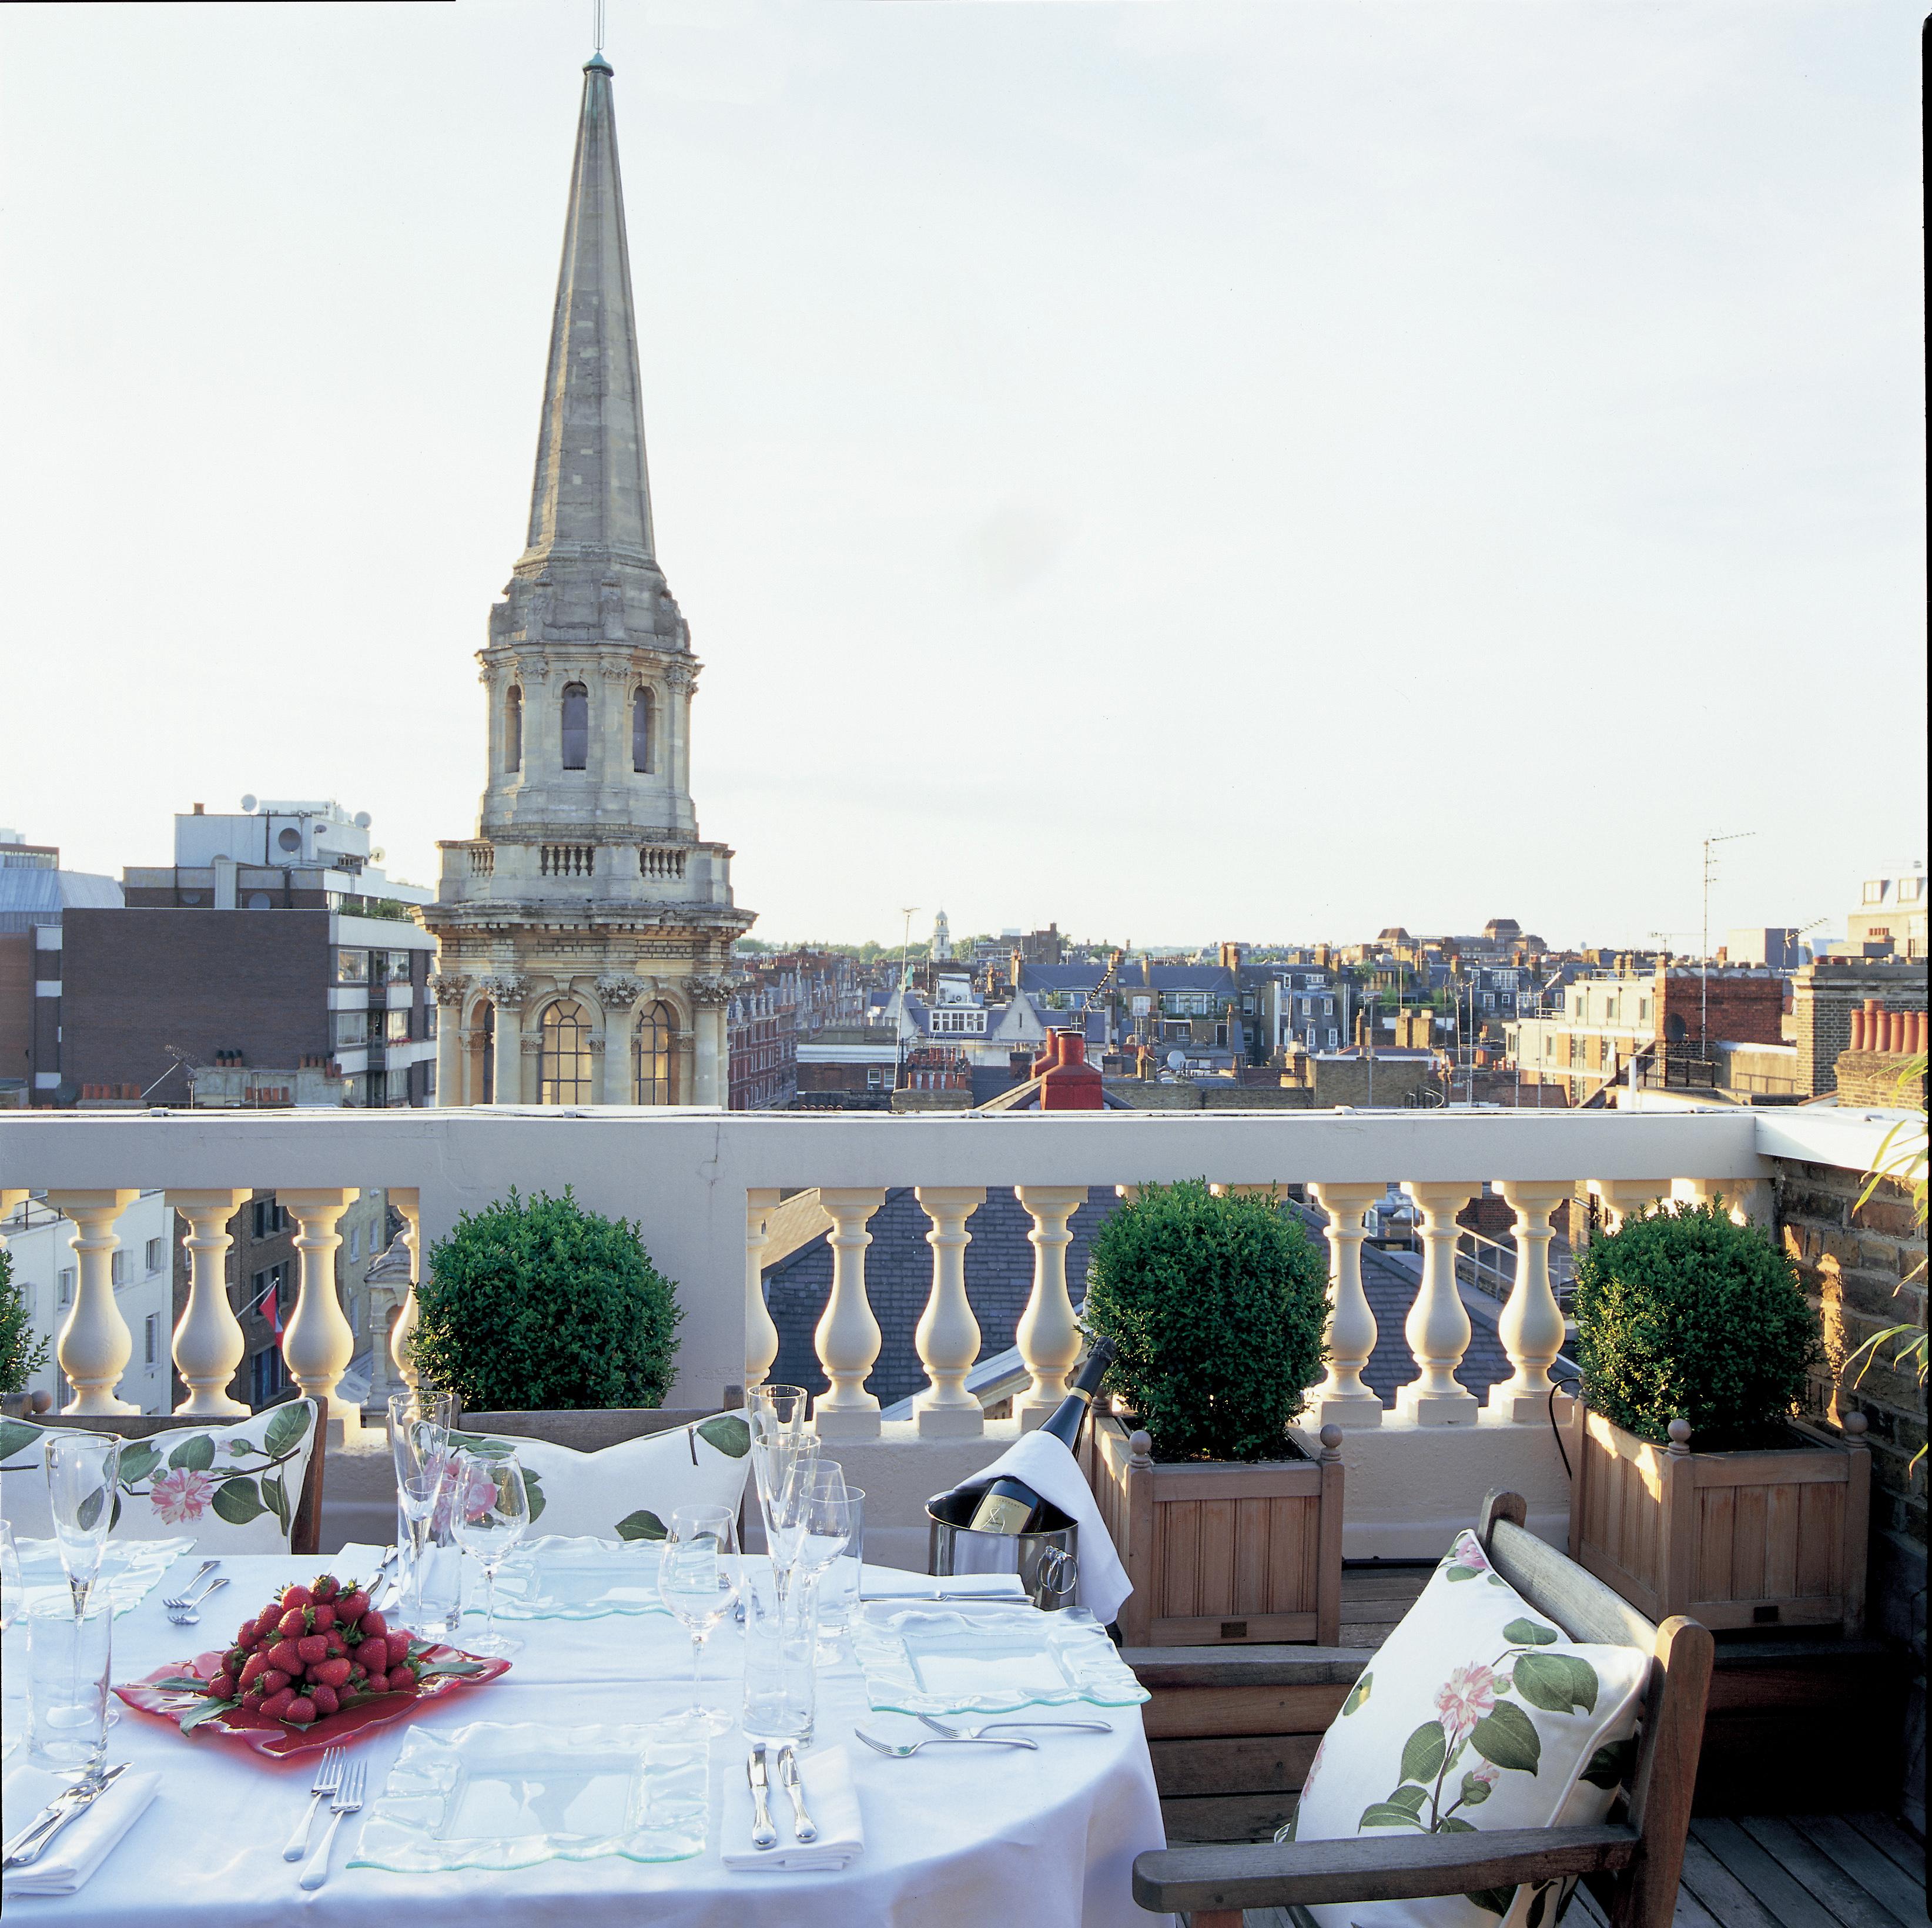 Travel & Life :: 런던 여행/ 런던 호텔 & 숙소/ 런던 인근 지역 명소와 근처숙소 총정리